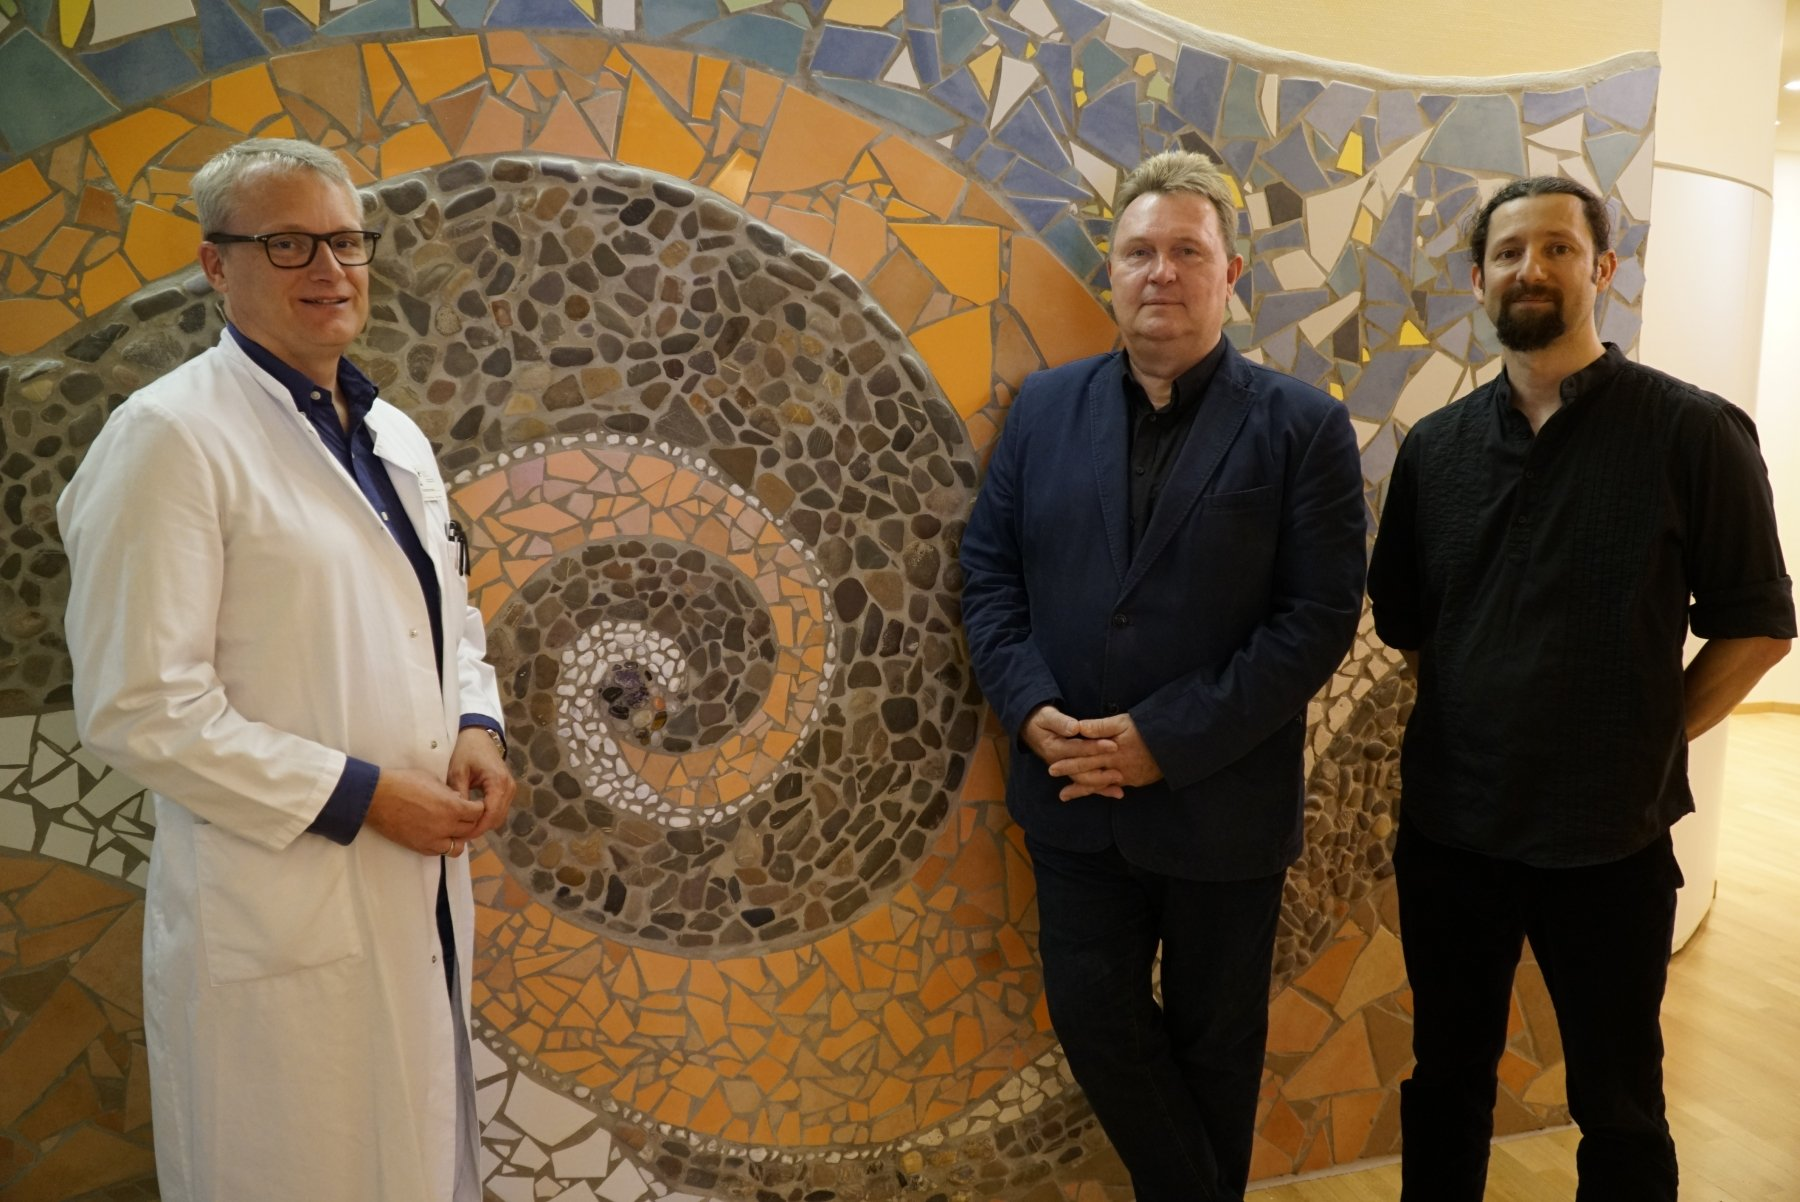 Robert Kaller (2. v. r.), hier mit seinem Mitarbeiter Ingo Fröhlich (r.), entwickelte in enger Absprache mit Dr. Christoph Hemcke (l.) die Ideen für die Kreißsaalgestaltung. (Foto: IN-StadtMagazine)